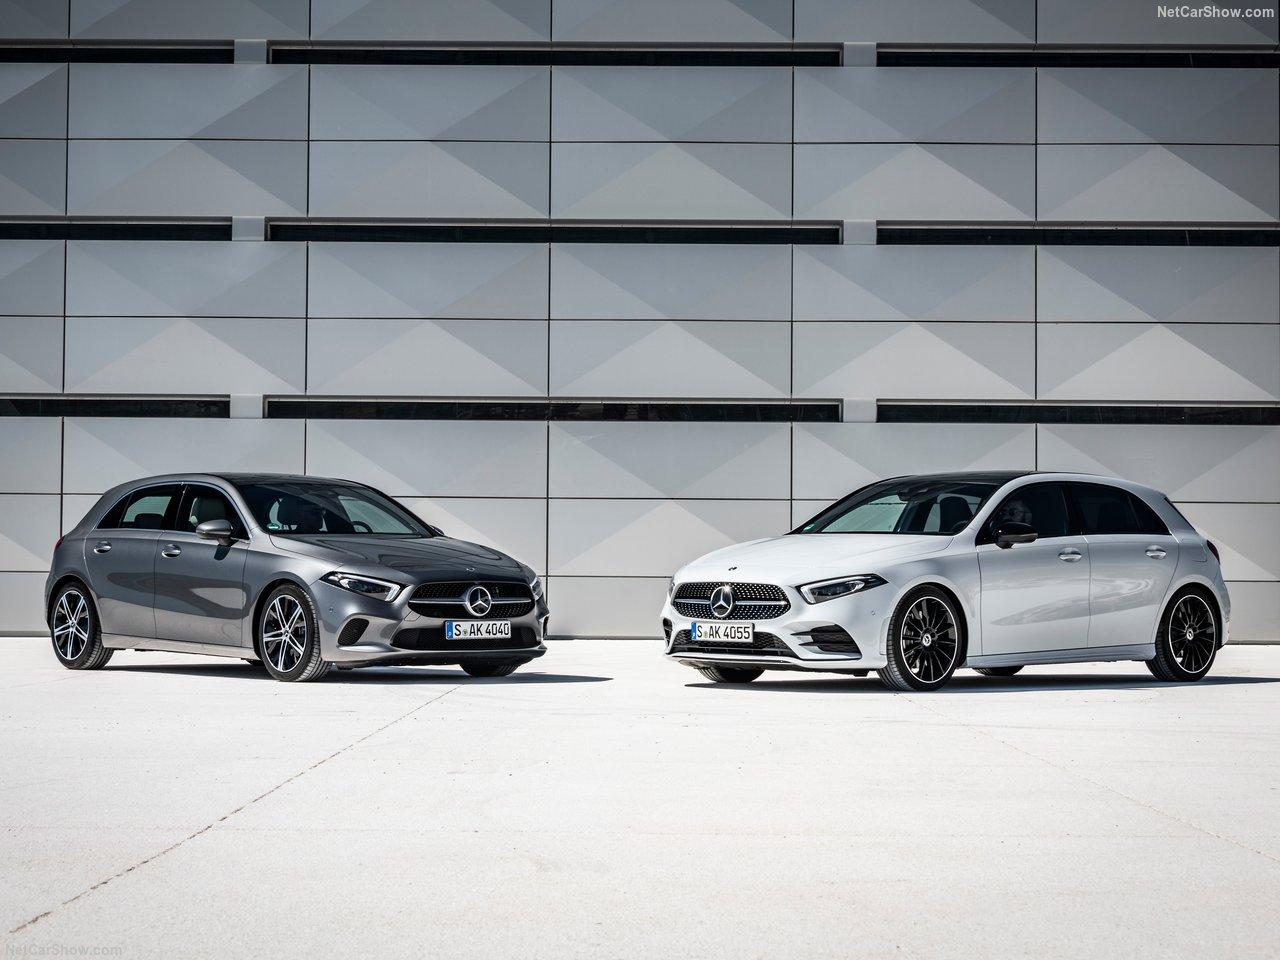 Mercedes-Benz-A-Class-2019-1280-53.jpg